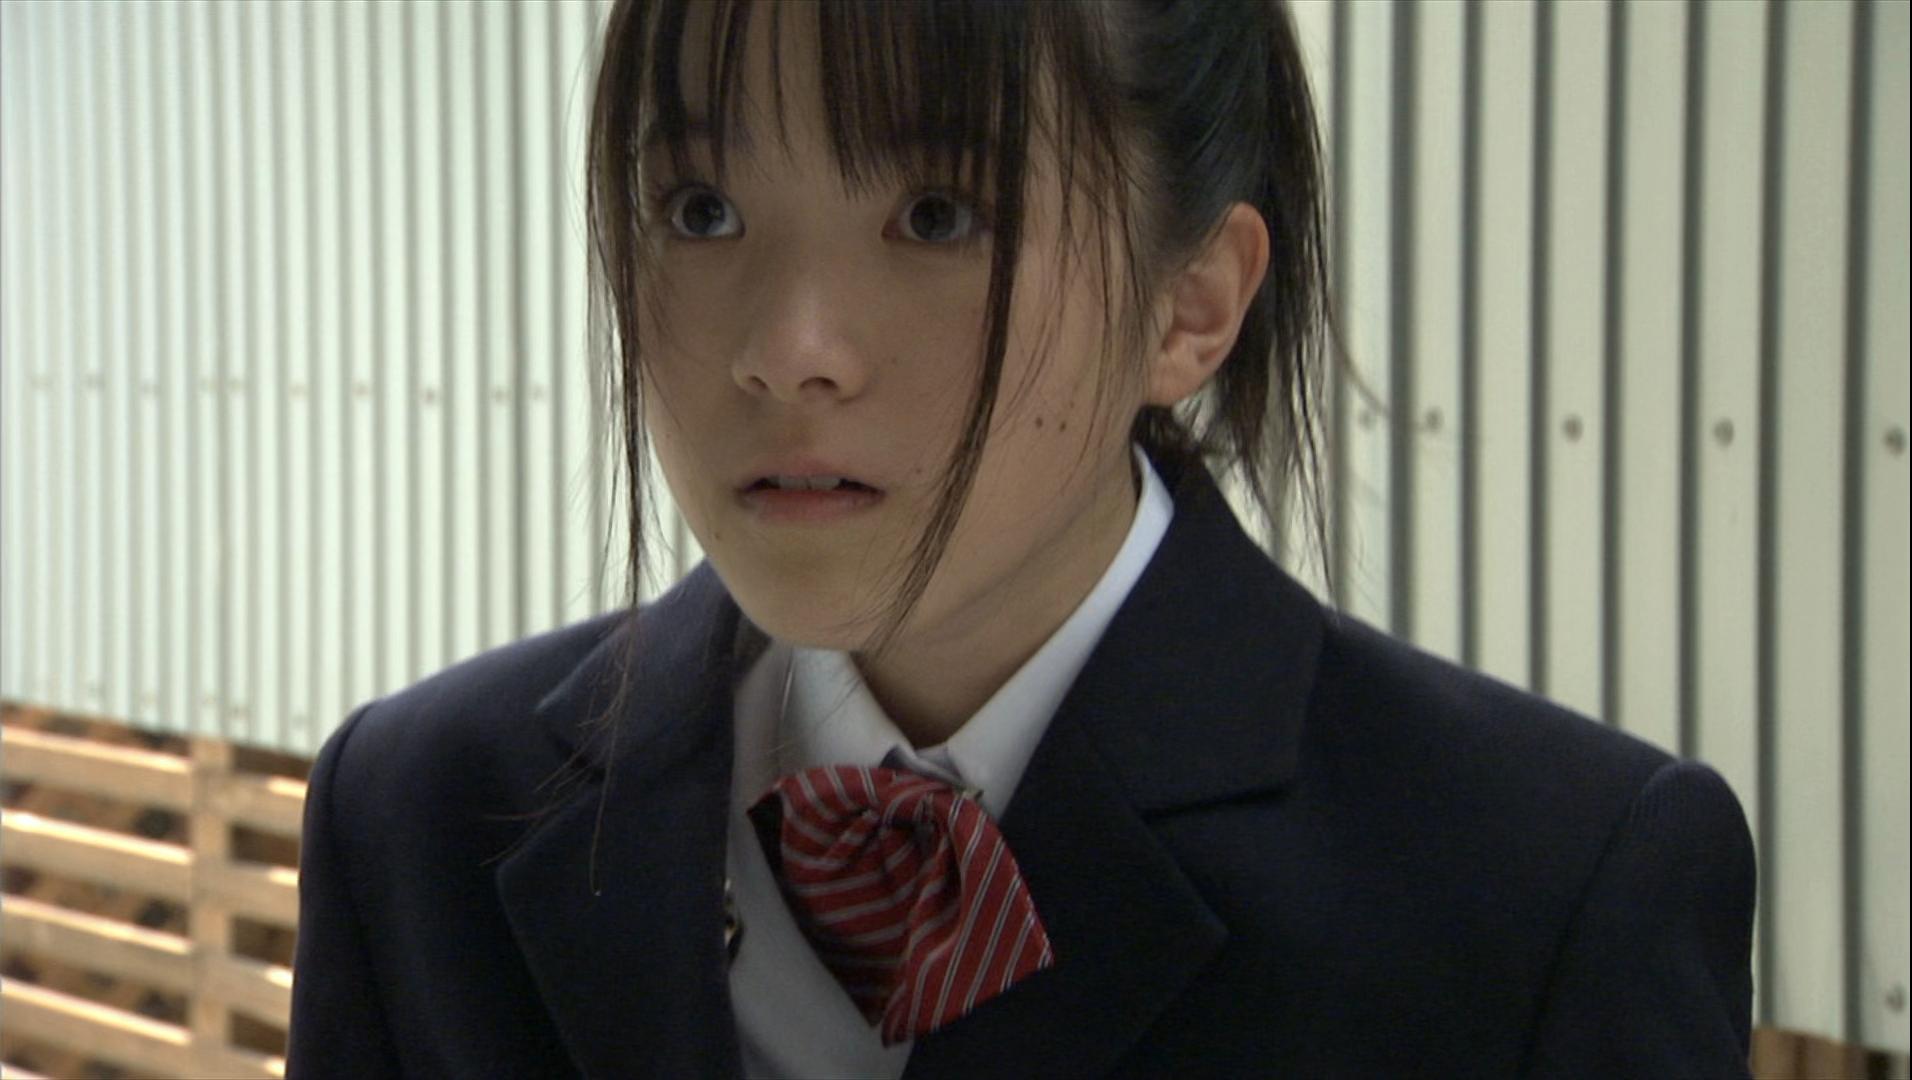 Chizuru Hoshino